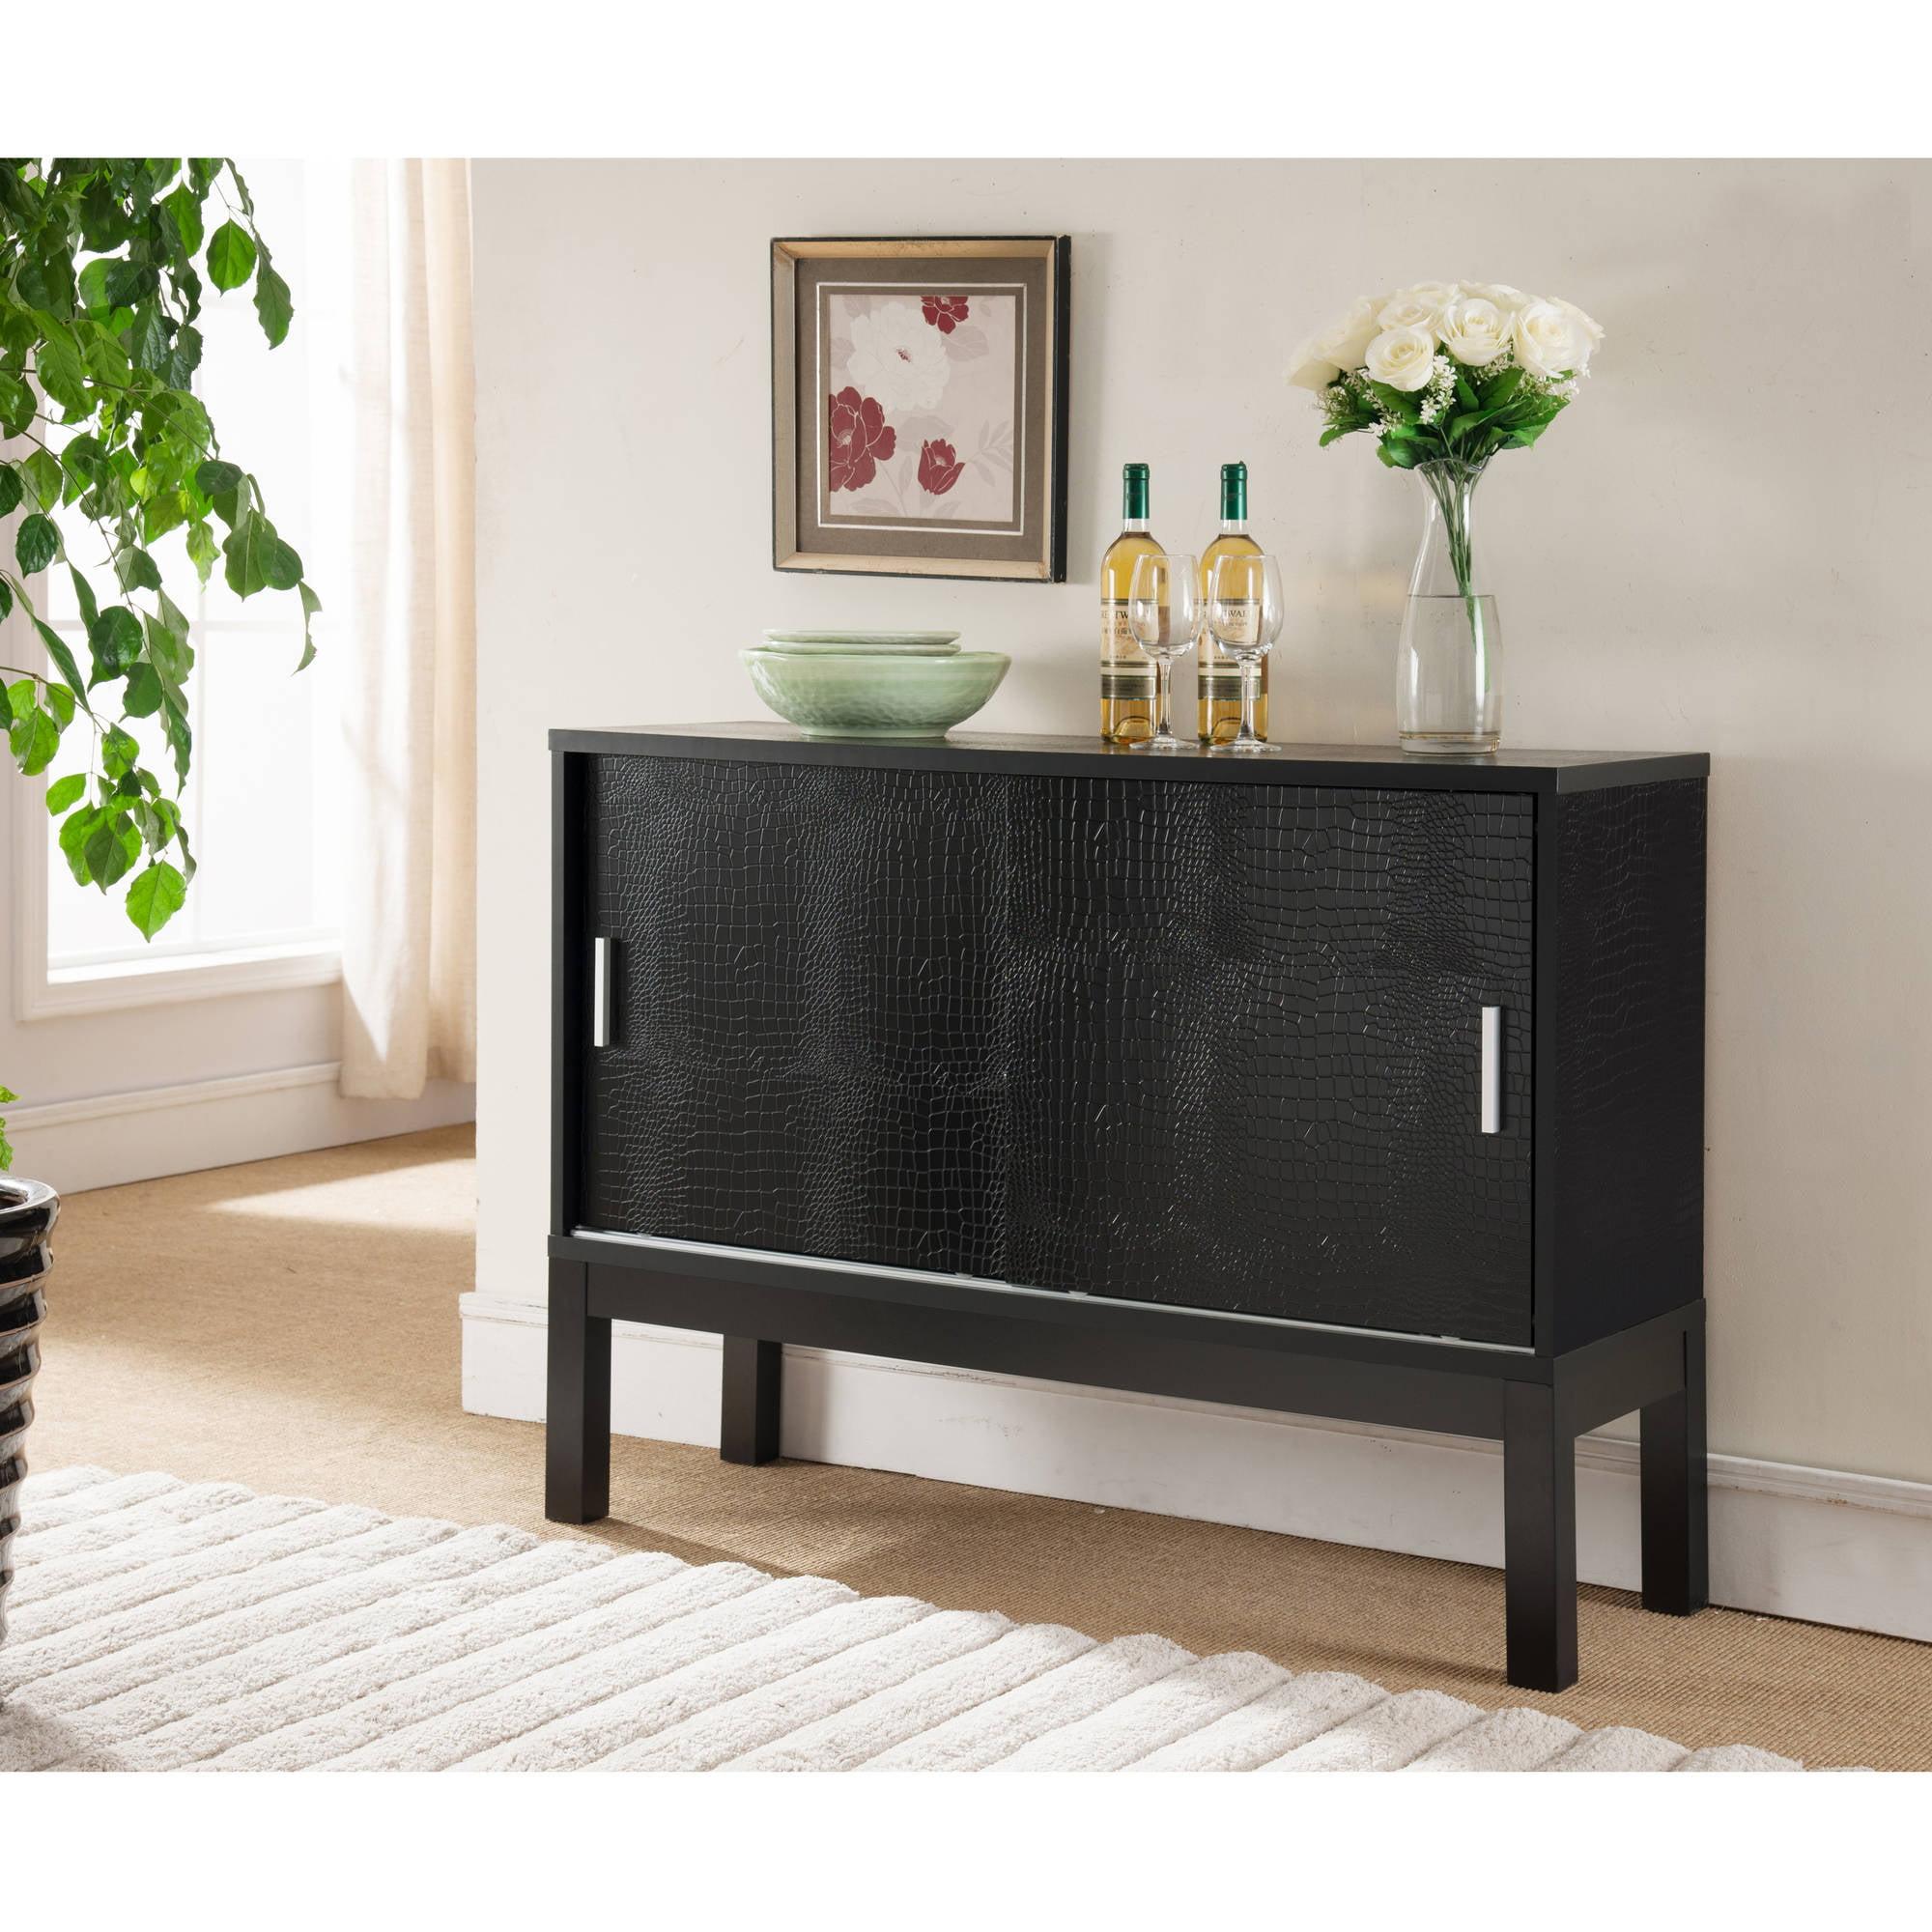 Furniture of America Sereman Contemporary Crocodile Buffet, Black by Furniture of America